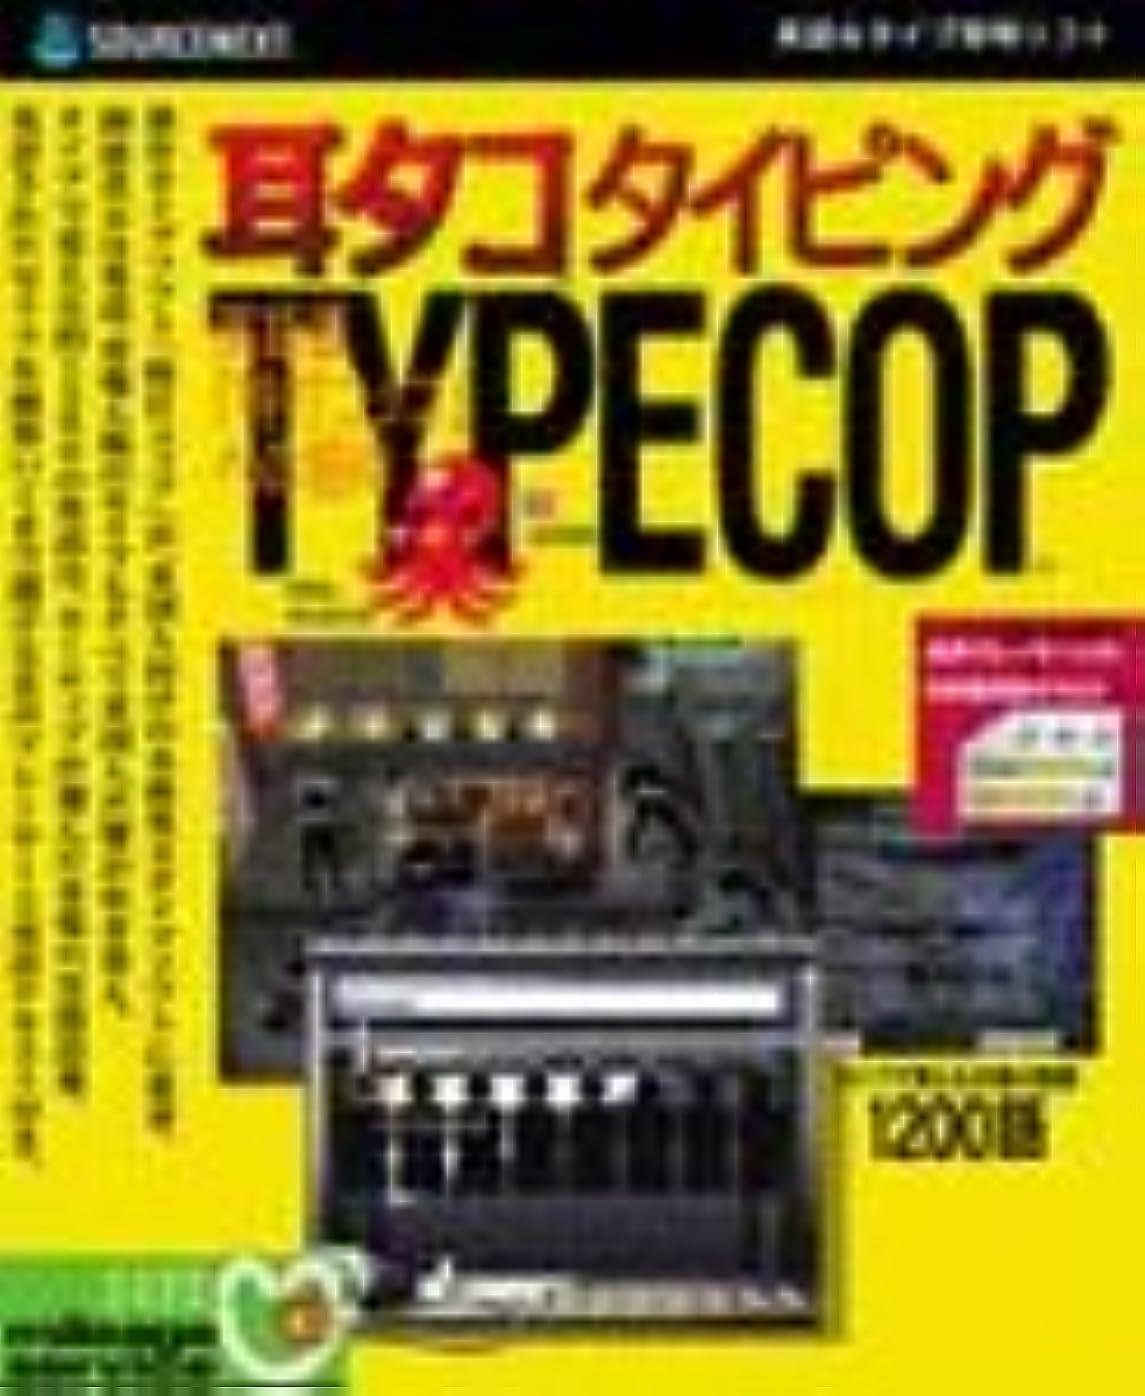 耳タコタイピング TYPECOP アカデミックパック